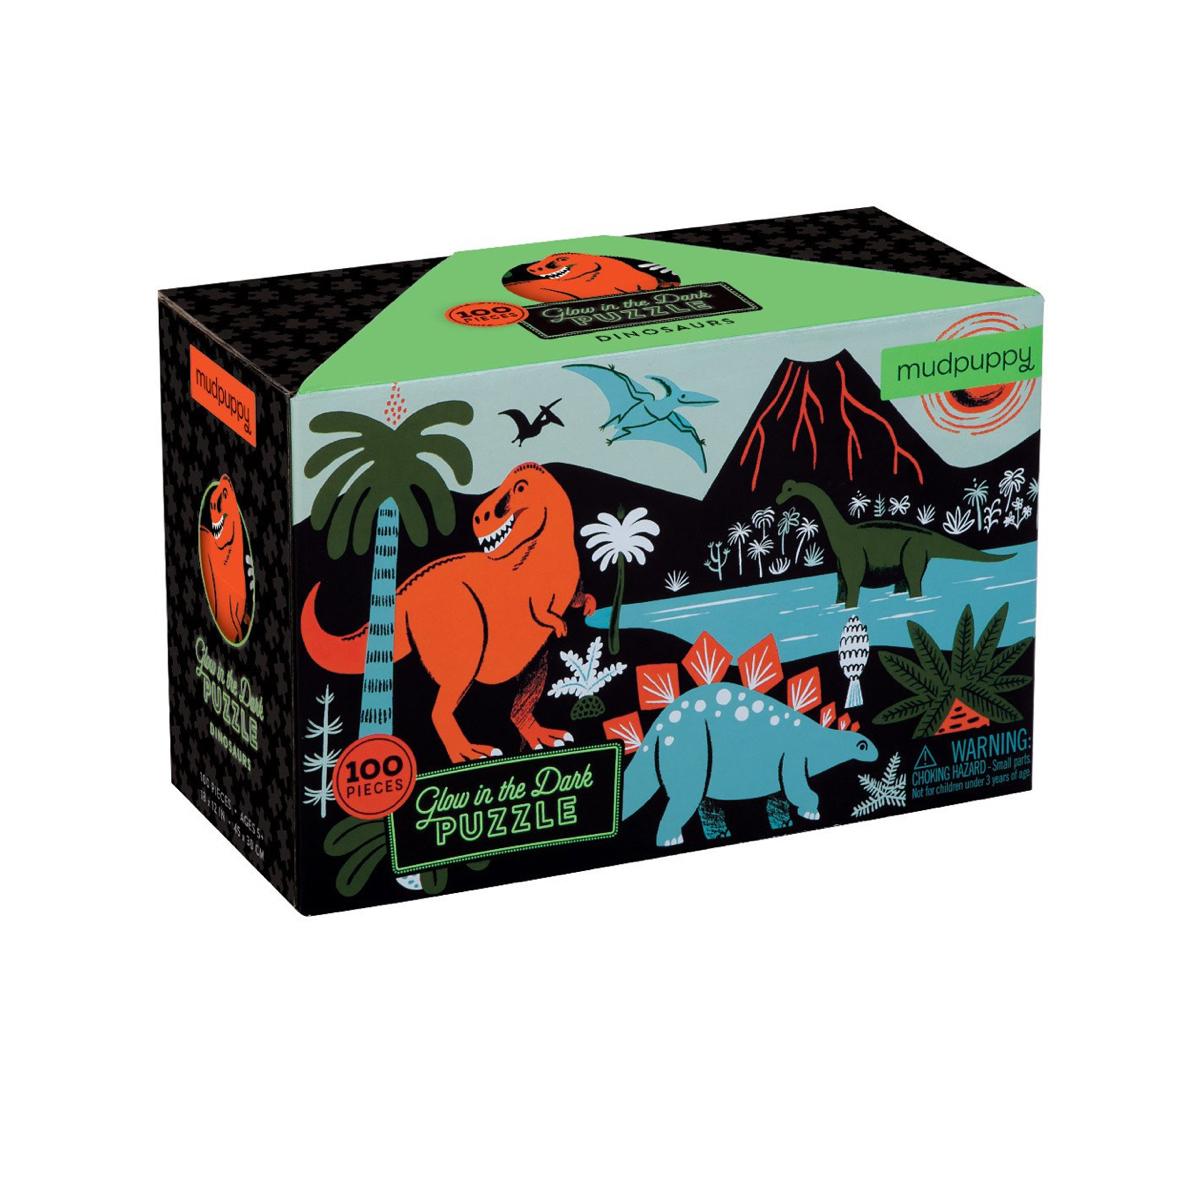 puzzle-glow-in-dark-dinosaurs-de-mudpuppy-en-el-mundo-de-mico3